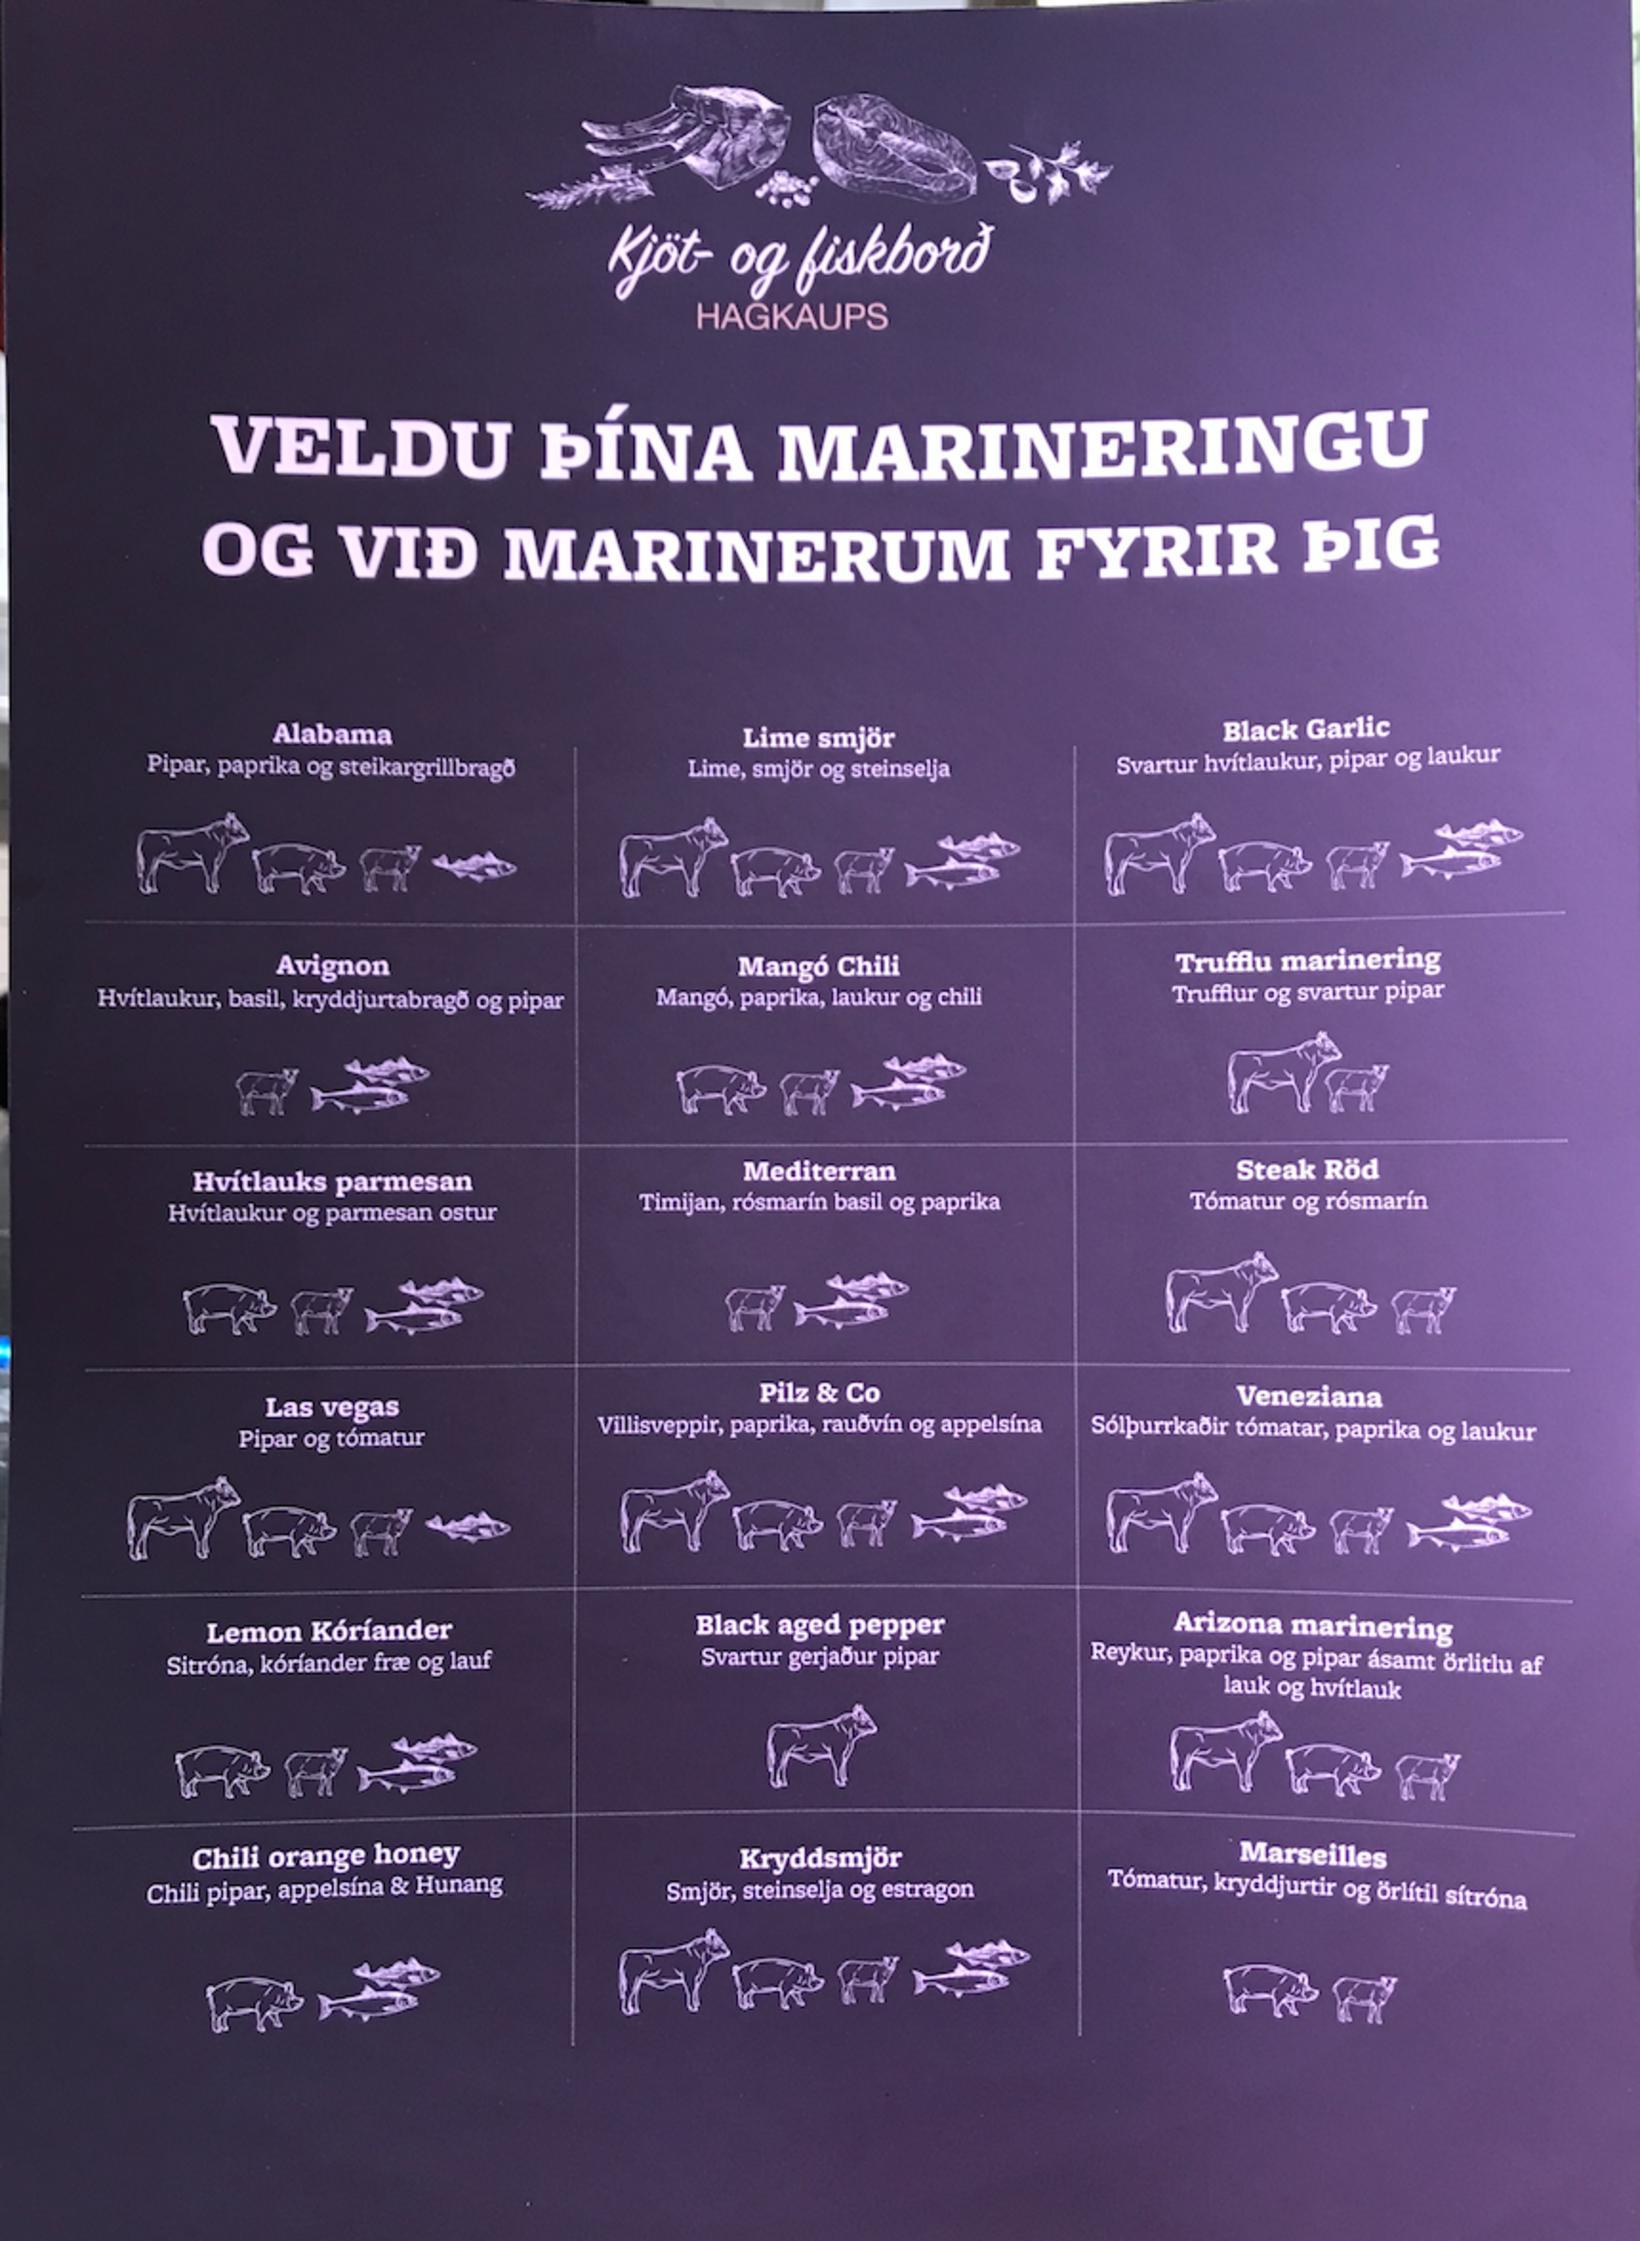 Hægt er að velja úr fjölda tegunda marineringa í kjötborðinu.